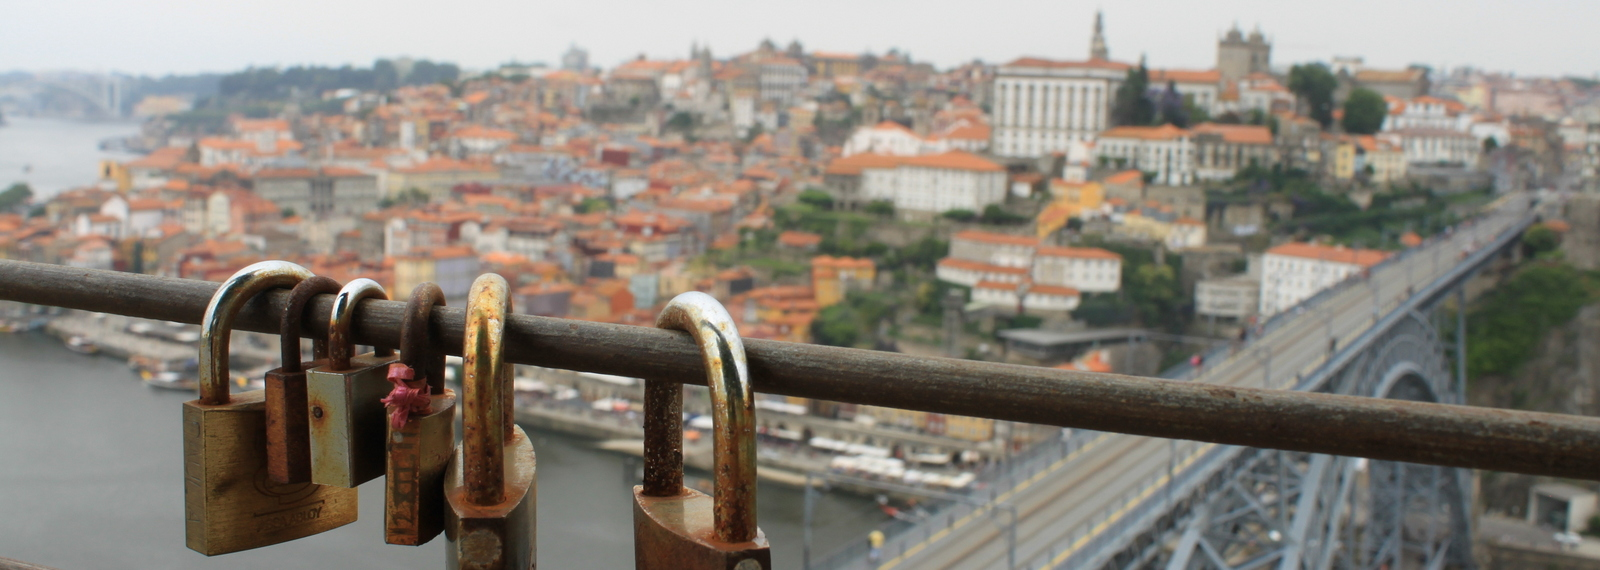 Porto, Cais da Riberia (old town) view from Serra do Pilar